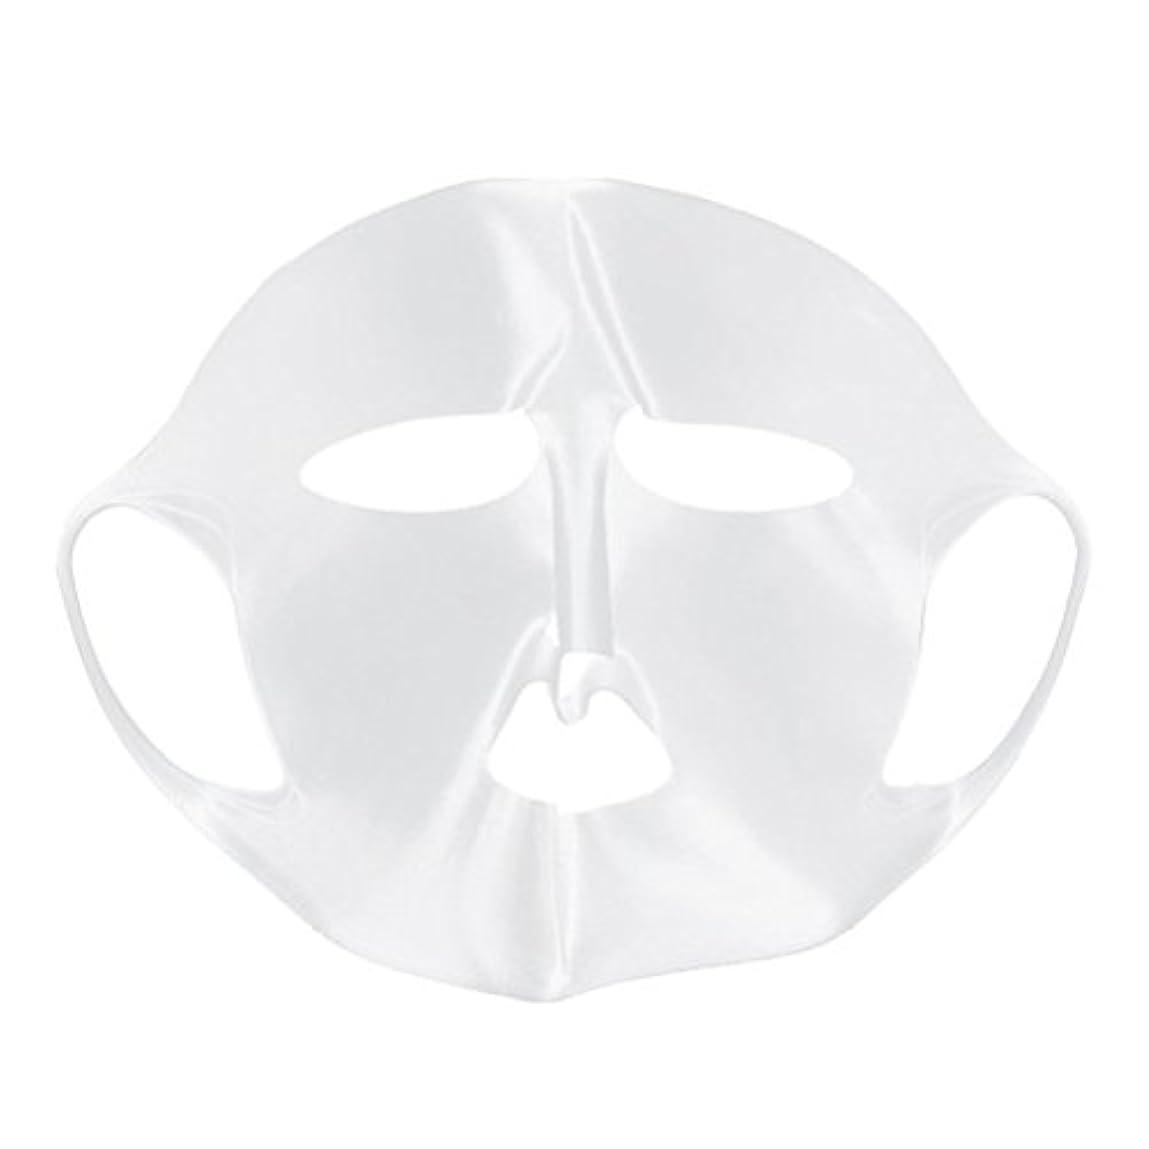 ベストトーンチョコレートBeaupretty シートマスクカバーのためのシリコーンの再使用可能な顔のマスクカバー顔の保湿マスク